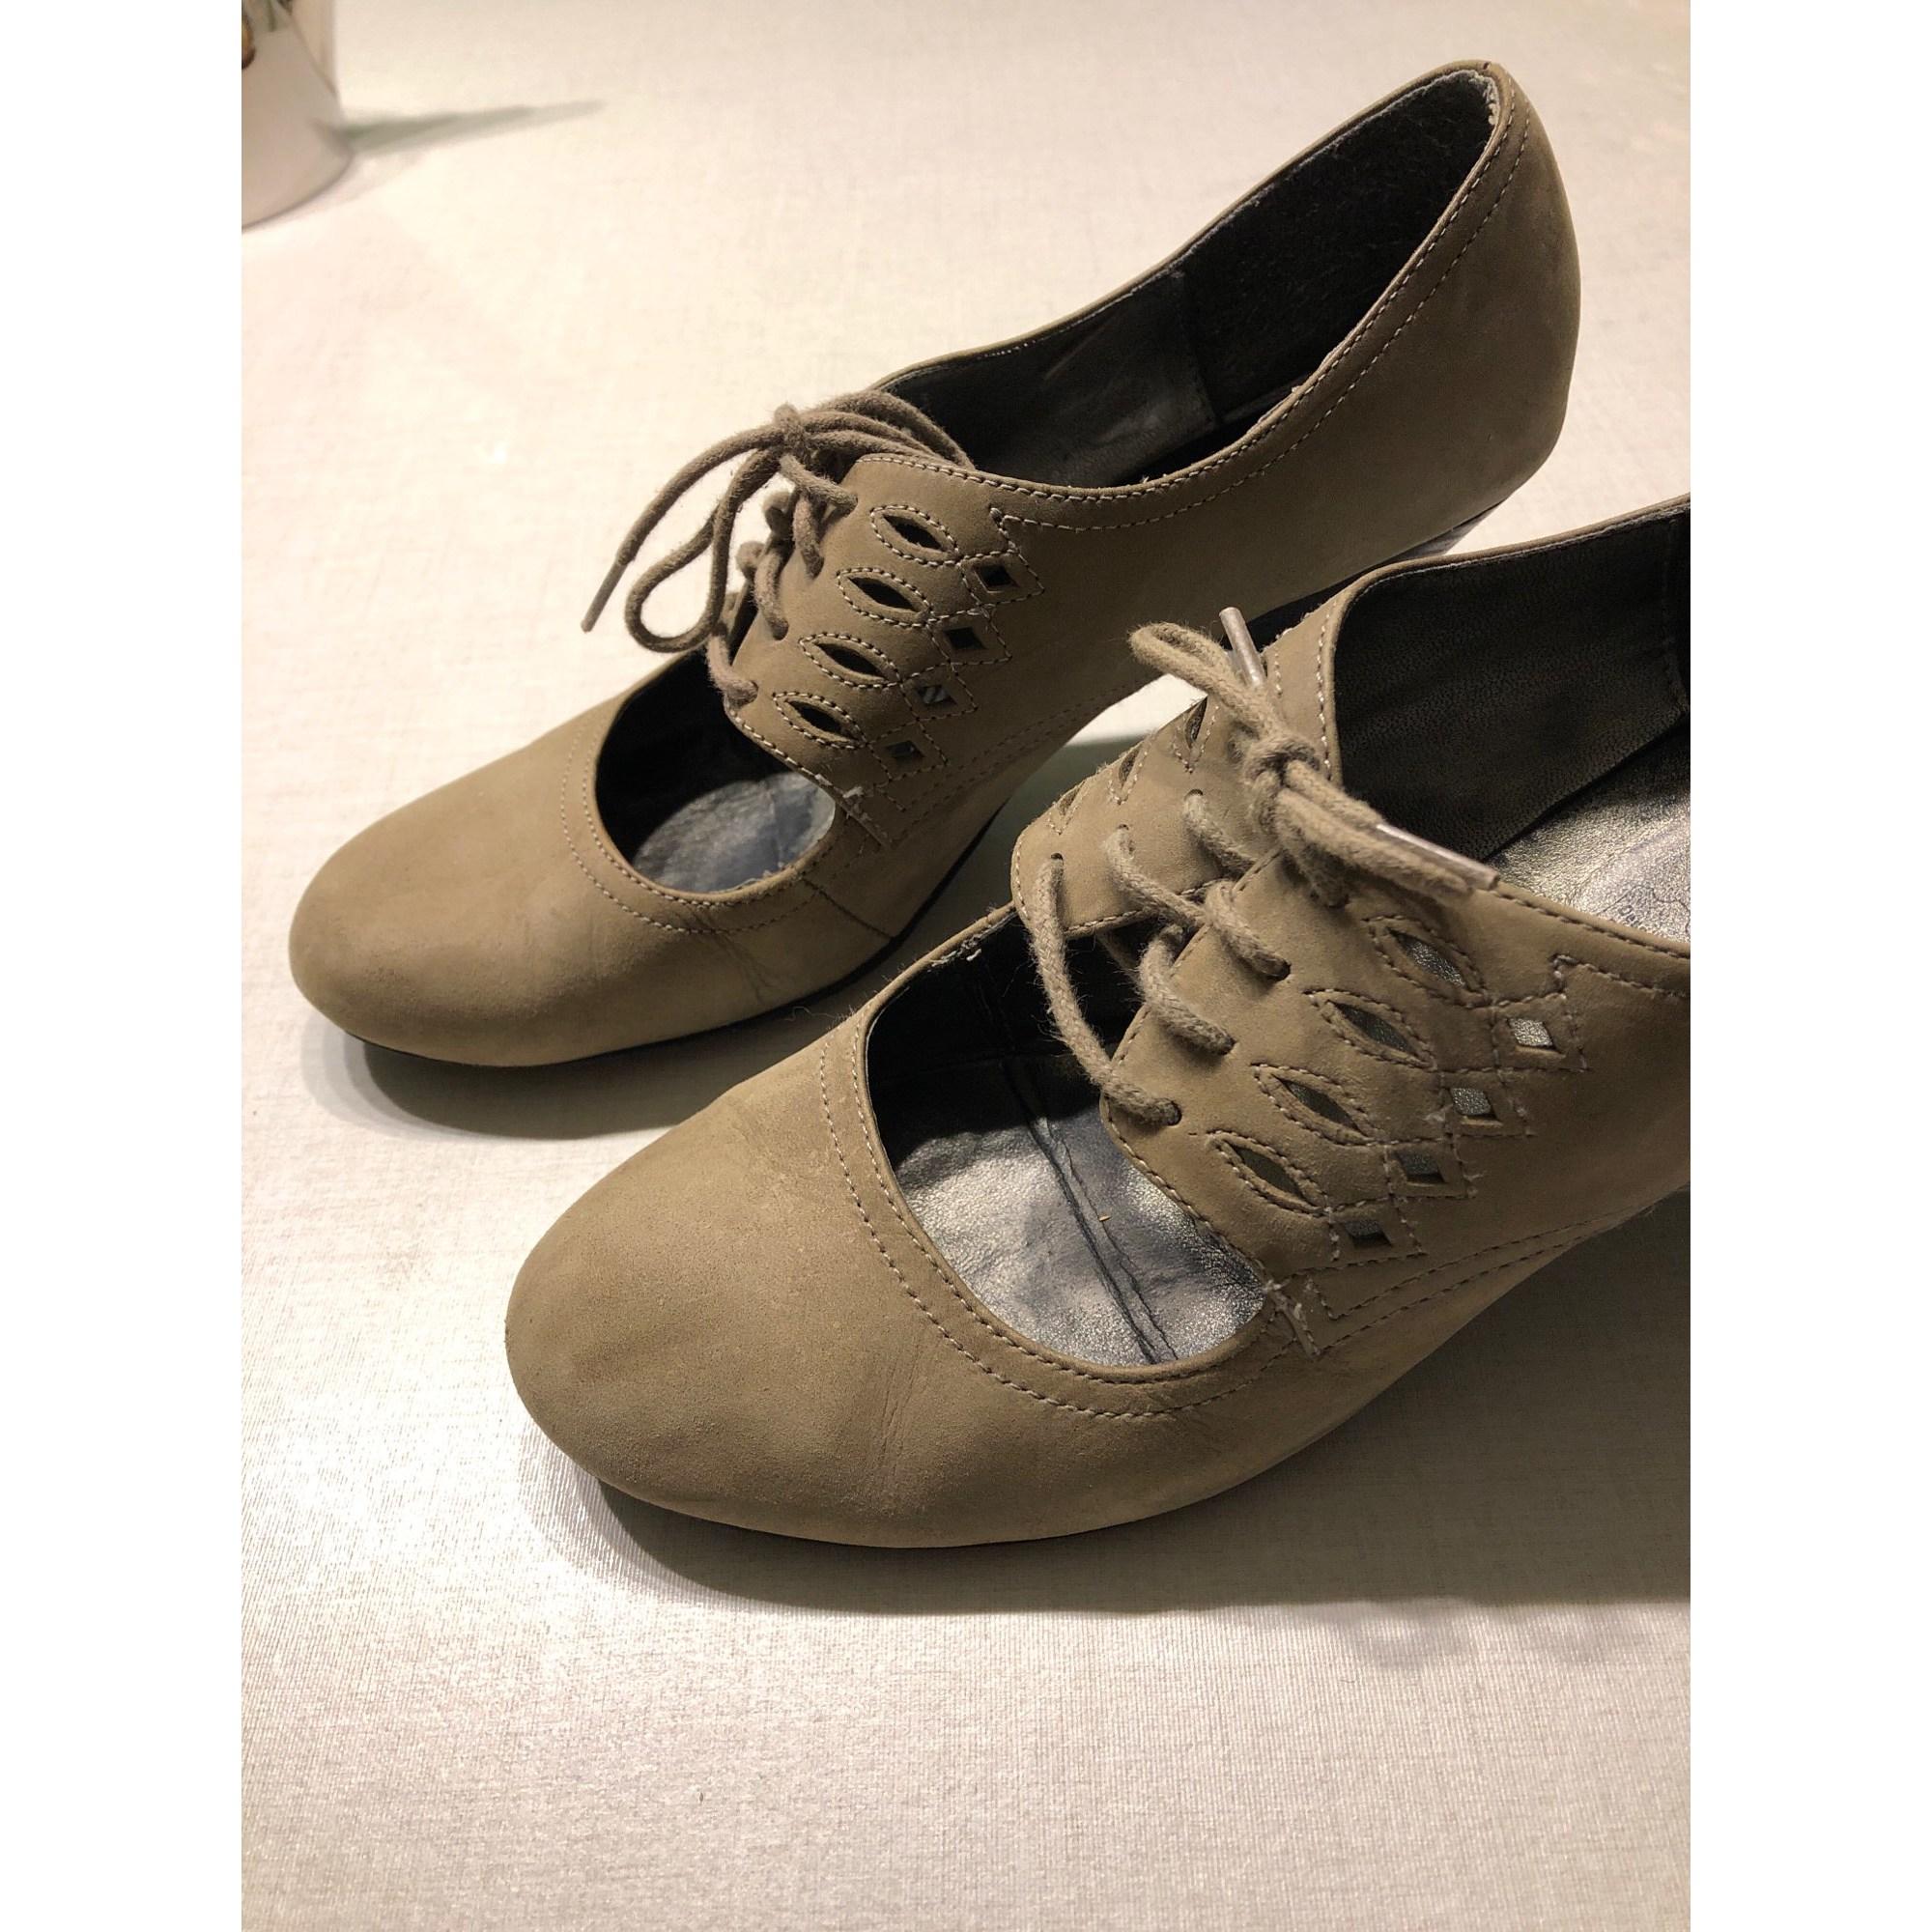 Bottines & low boots à talons ANDRÉ Gris, anthracite